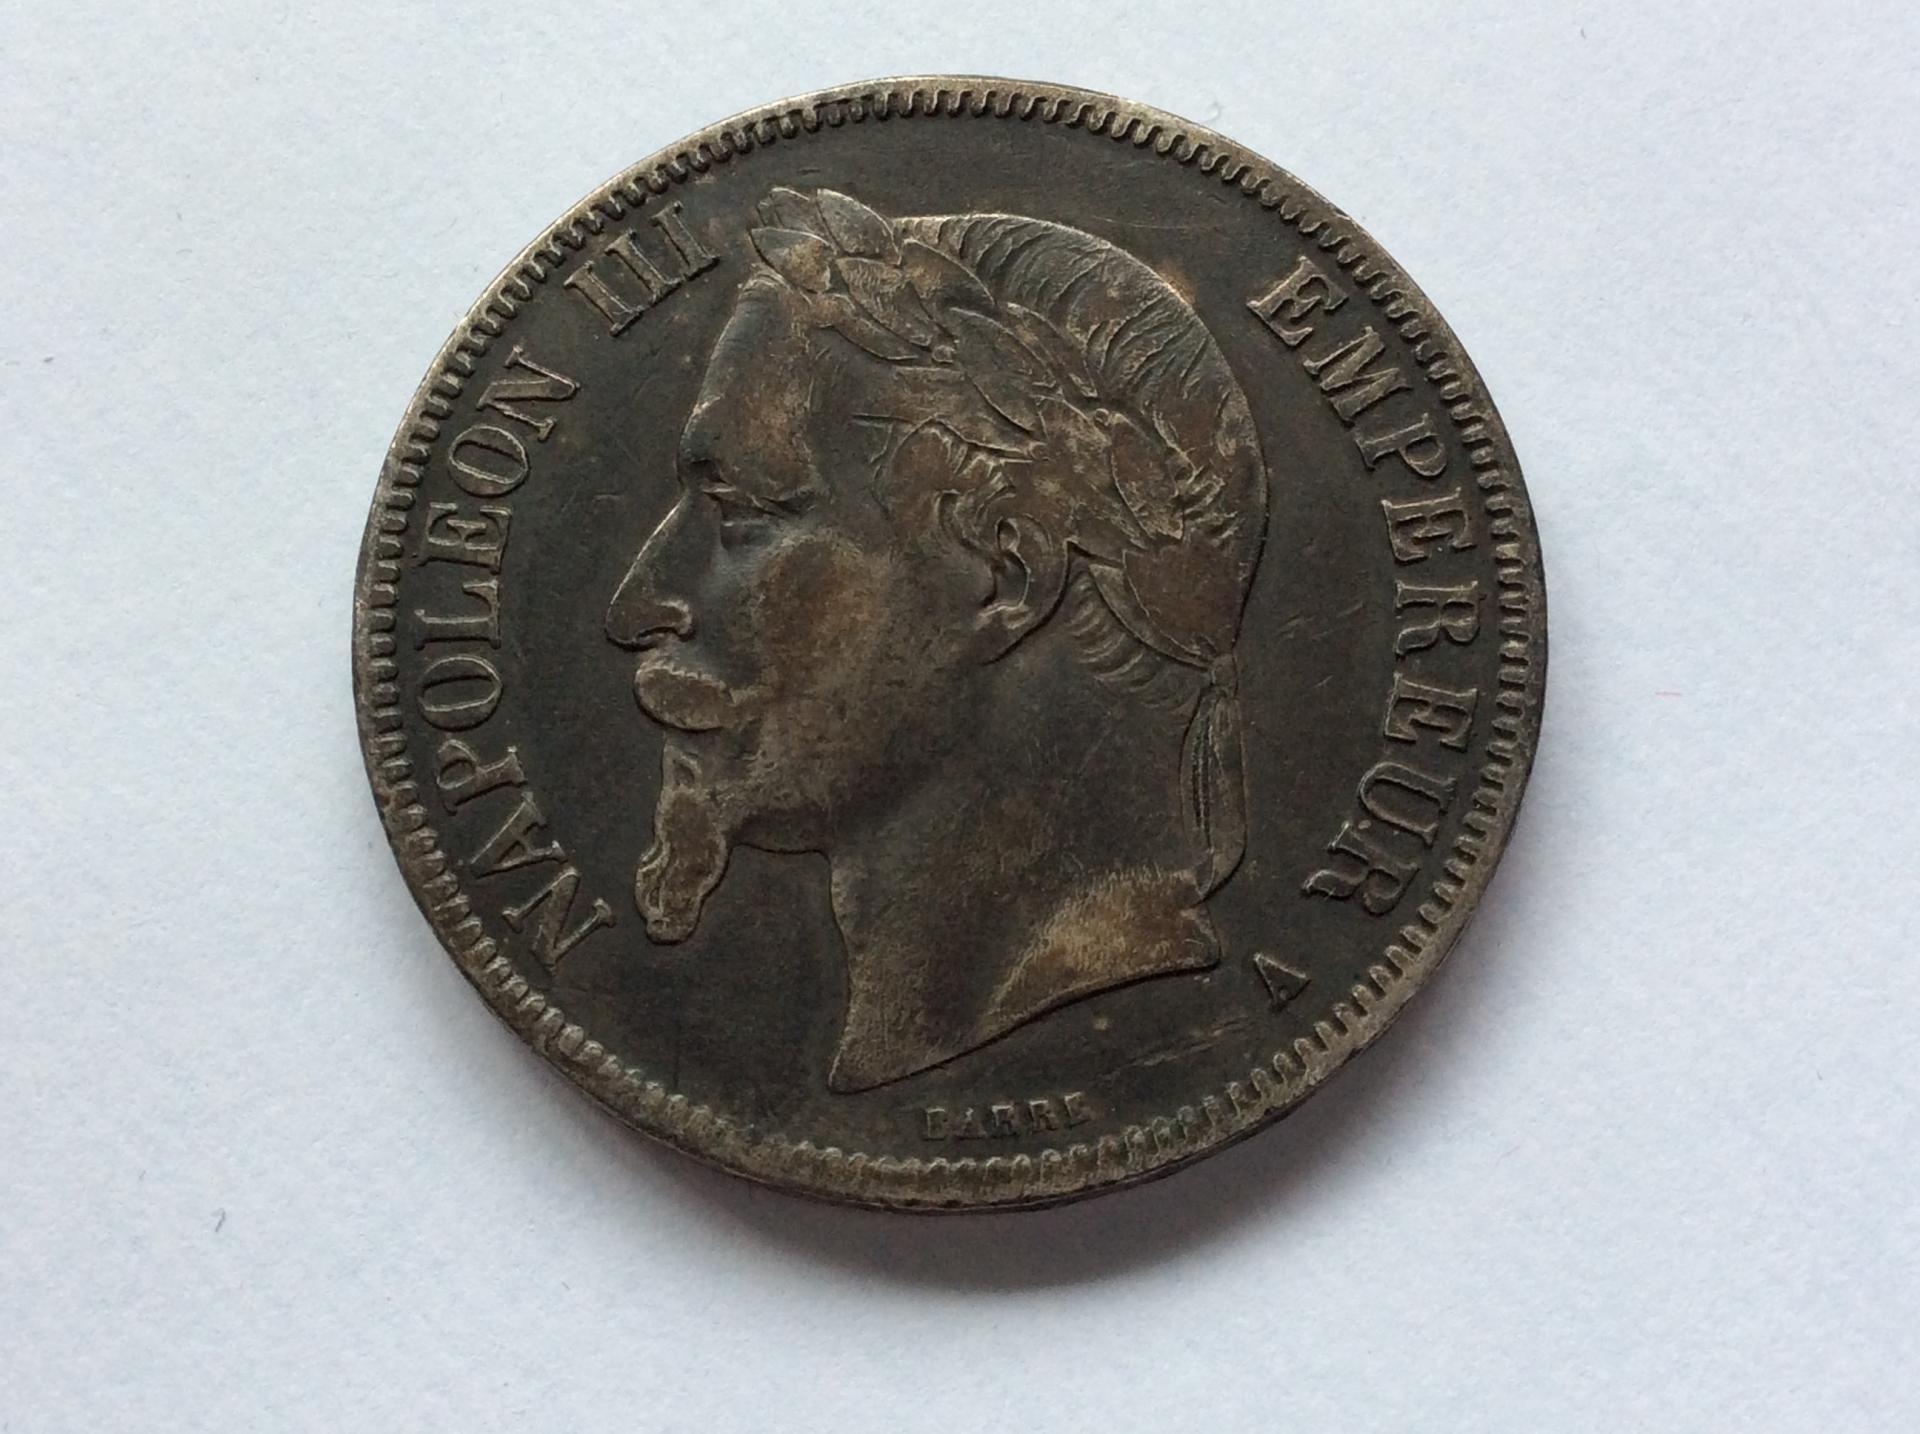 5 FRANCOS DE PLATA de 1868 DEL EMPERADOR NAPOLEON III - FRANCIA